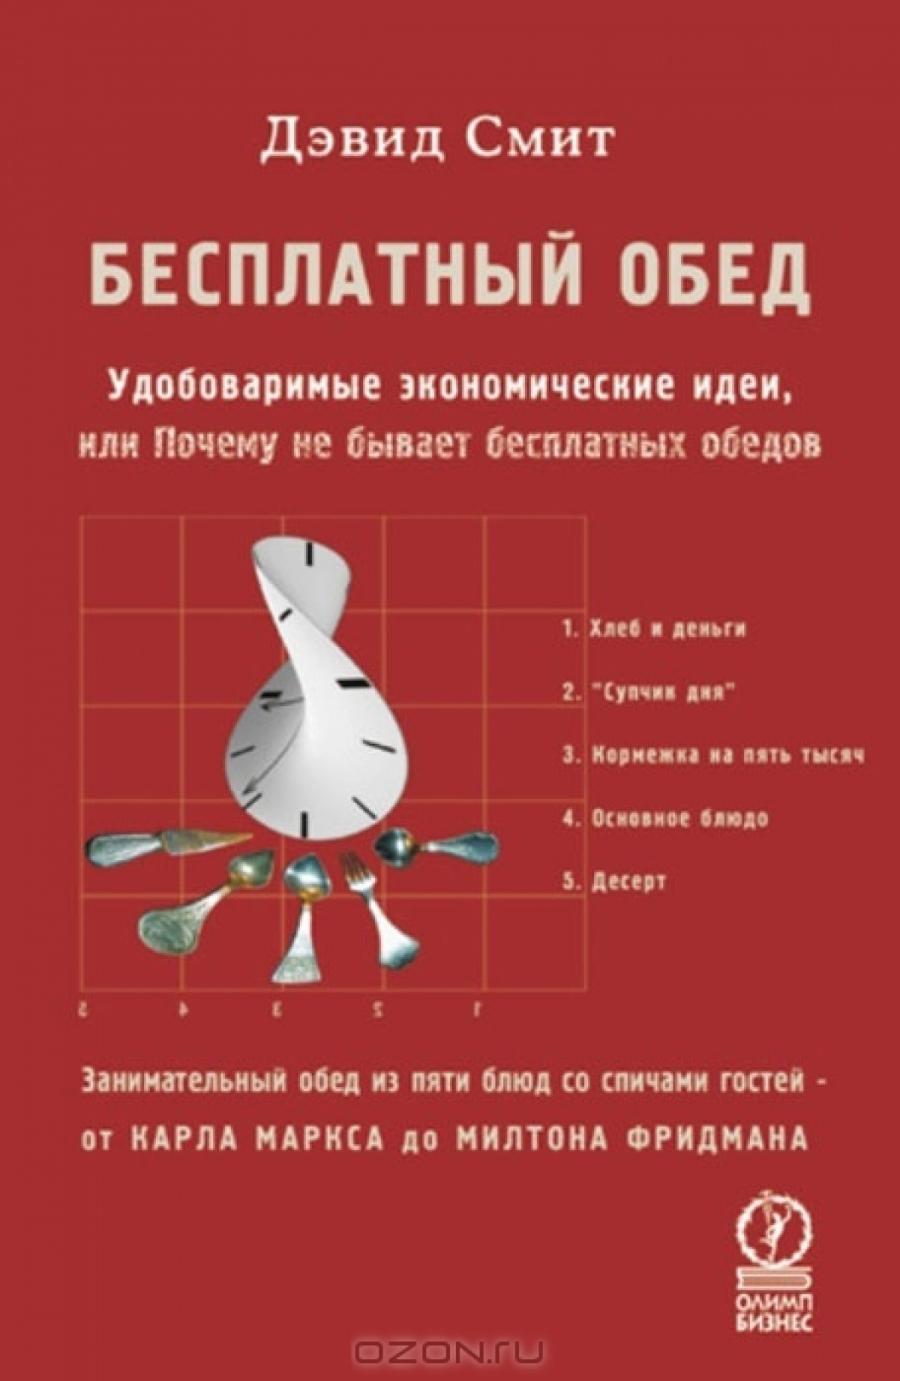 Обложка книги:  смит д. - бесплатный обед. удобоваримые экономические идеи, или почему не бывает бесплатных обедов